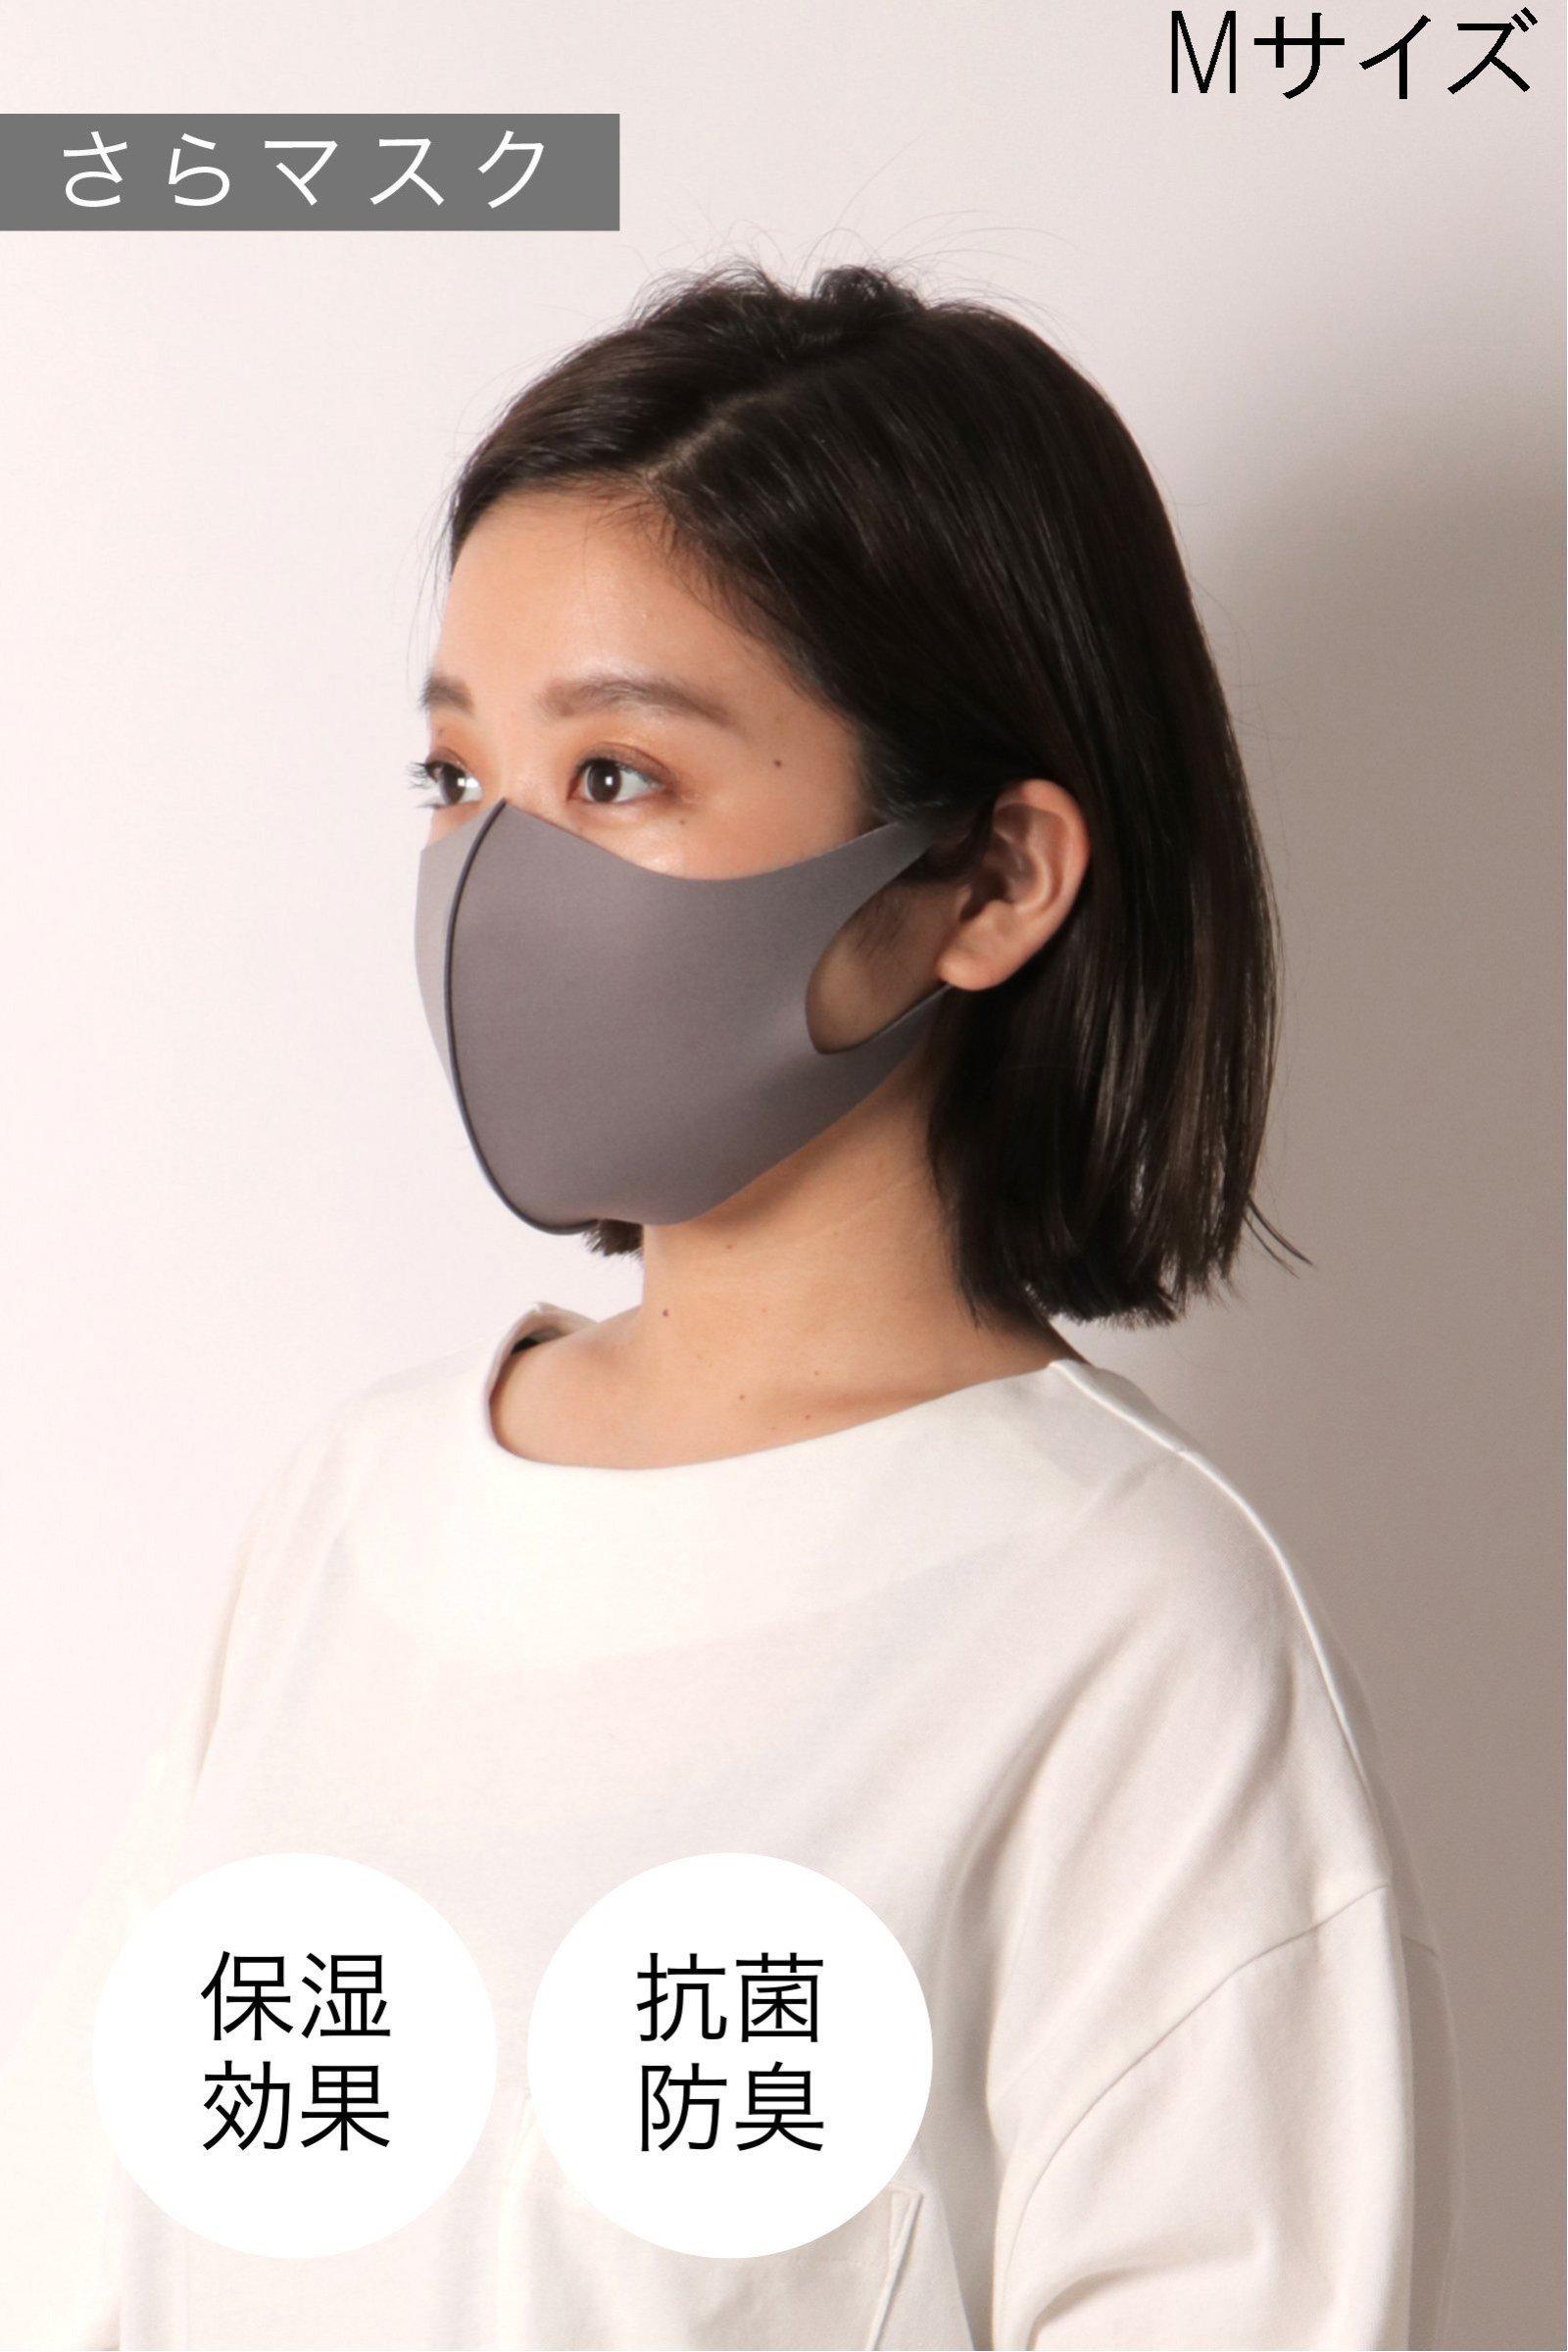 【おとな用】 さらマスク チャコールグレー